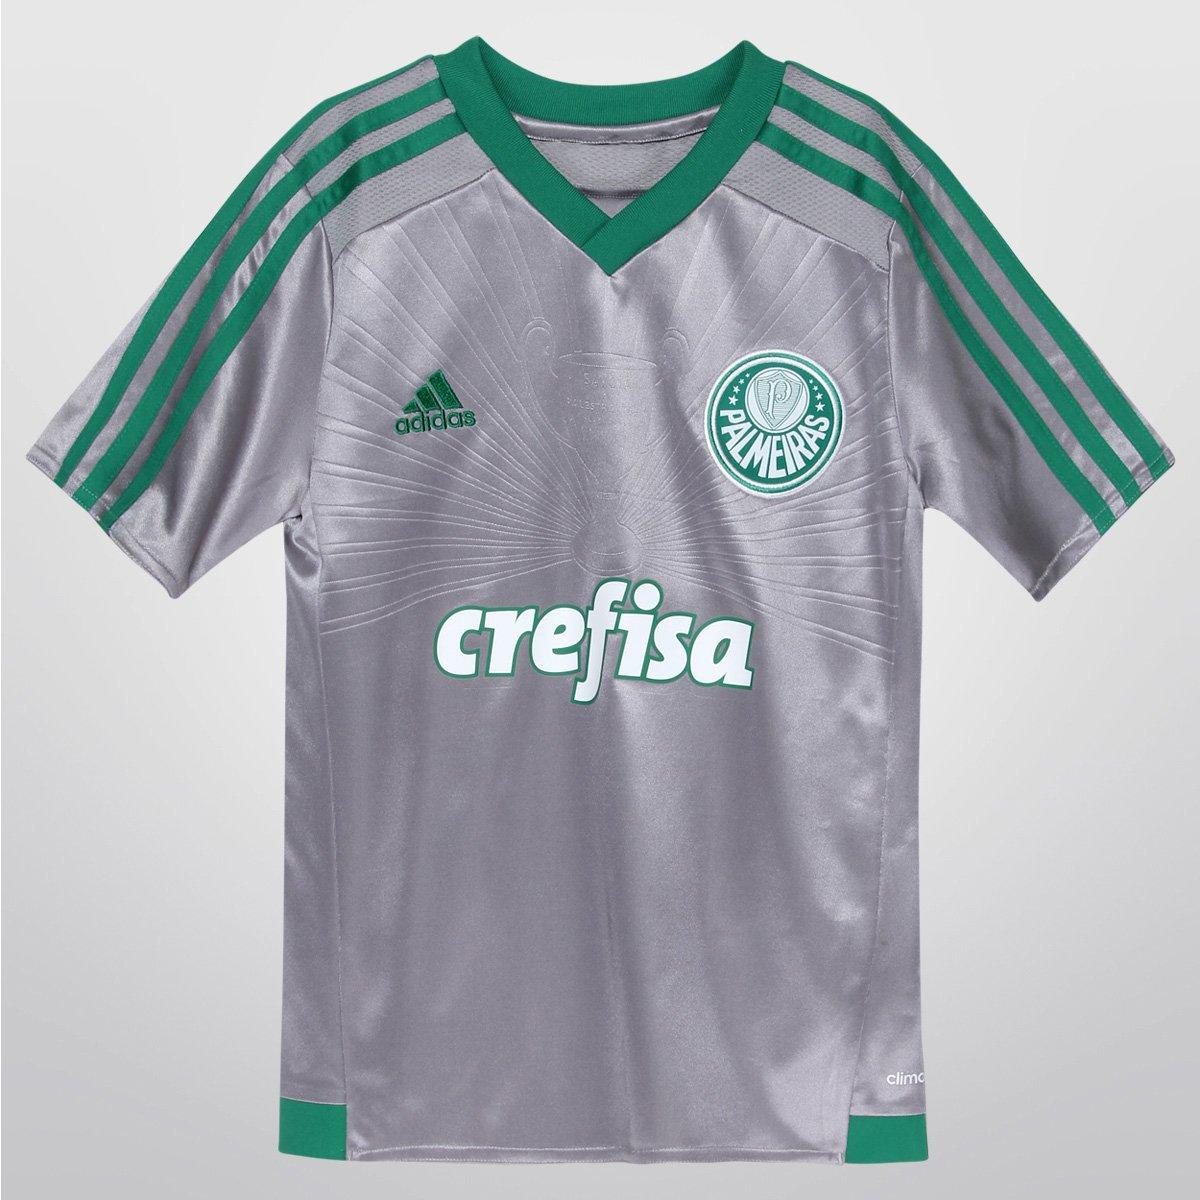 Camisa Adidas Palmeiras III 15 16 s nº Juvenil - Compre Agora  680e787c5d9b0